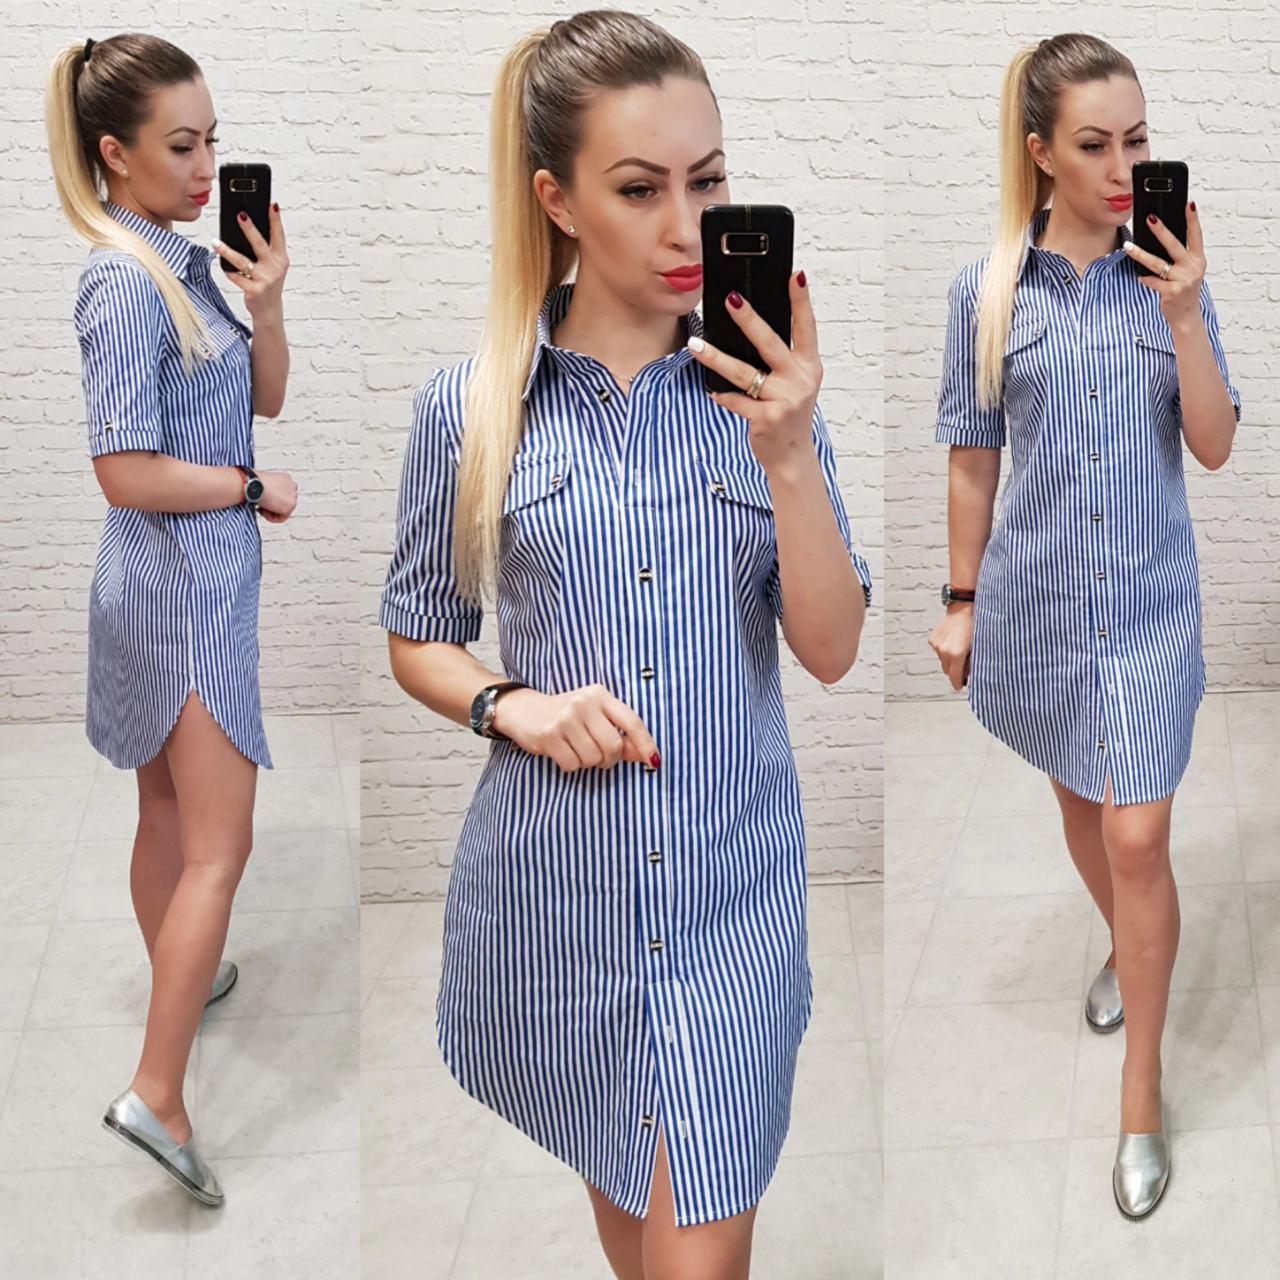 Новинка!!! Стильное платье - рубашка, арт 827, цвет синяя полоска